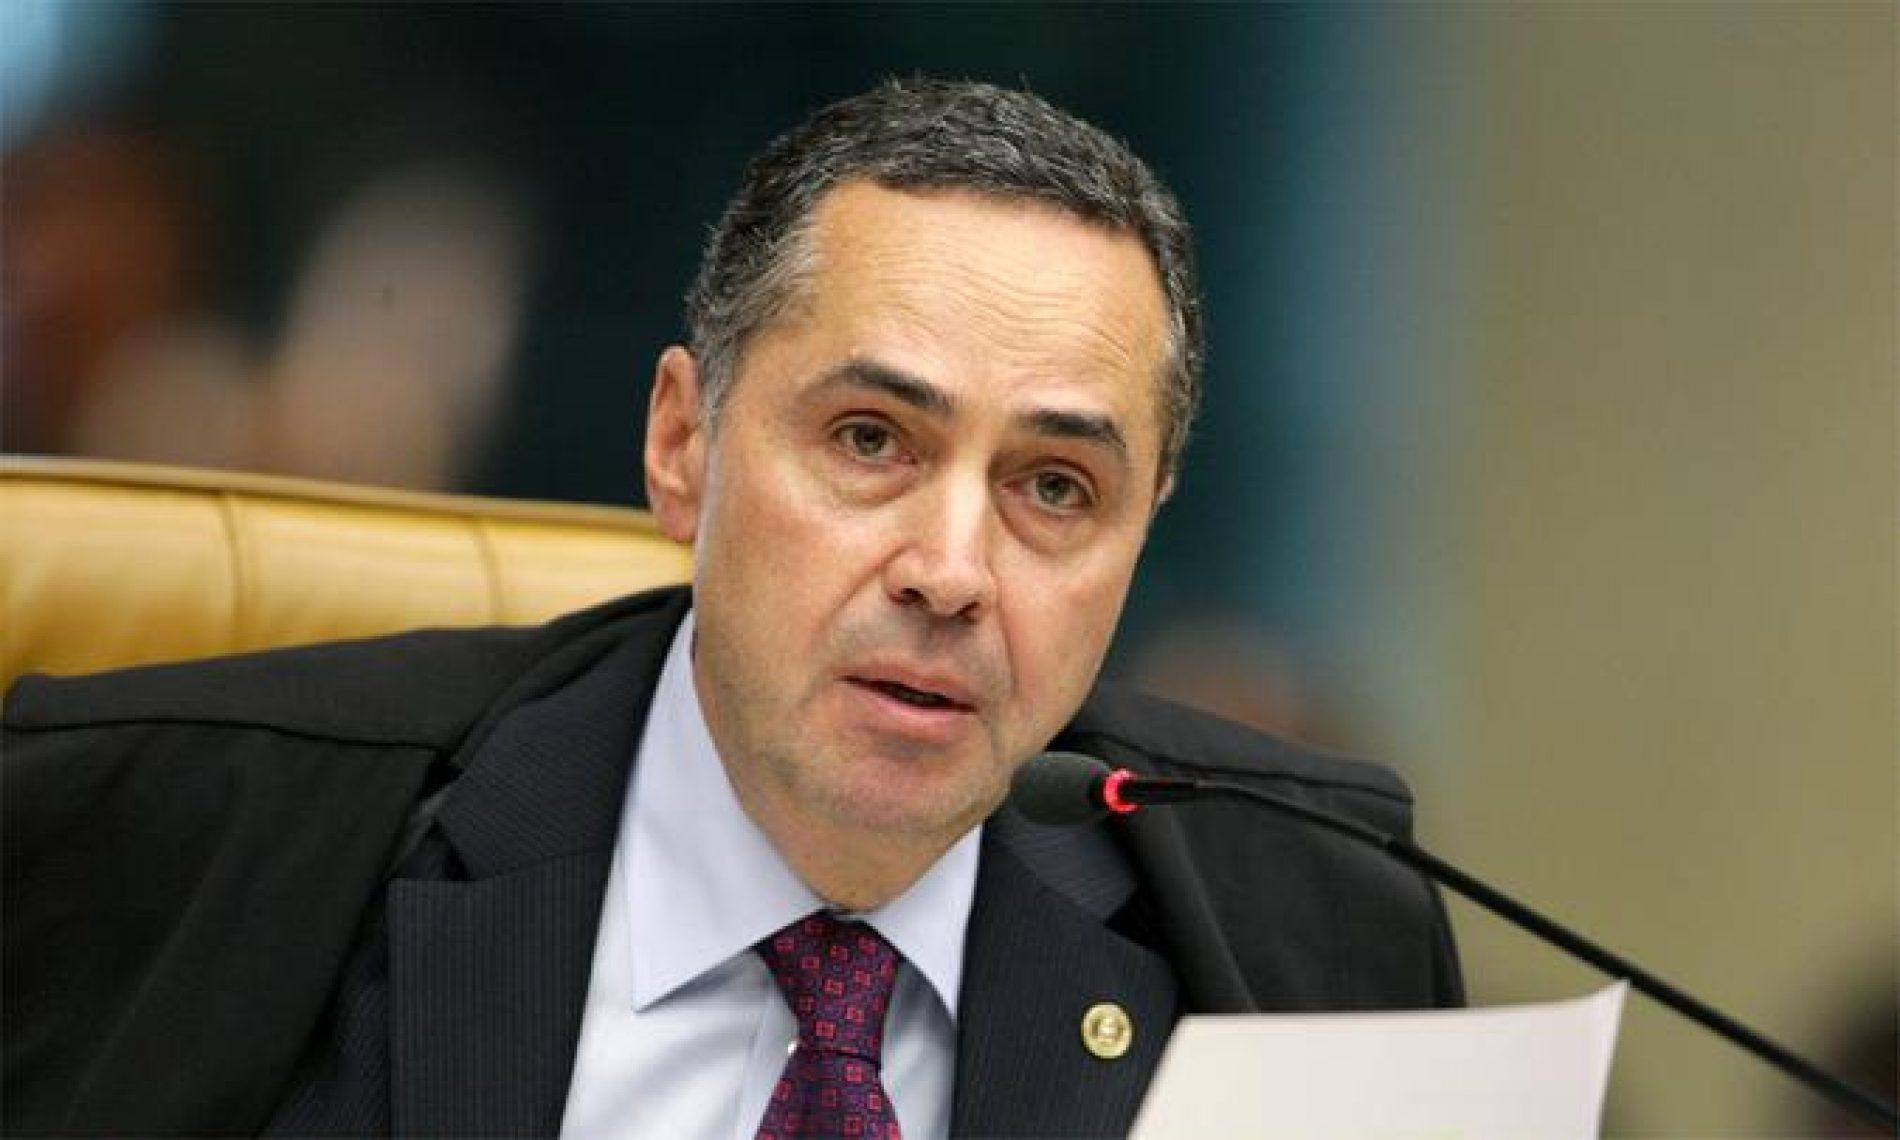 Barroso prorroga inquérito dos Portos até dia 15 para ex-ministro ser ouvido